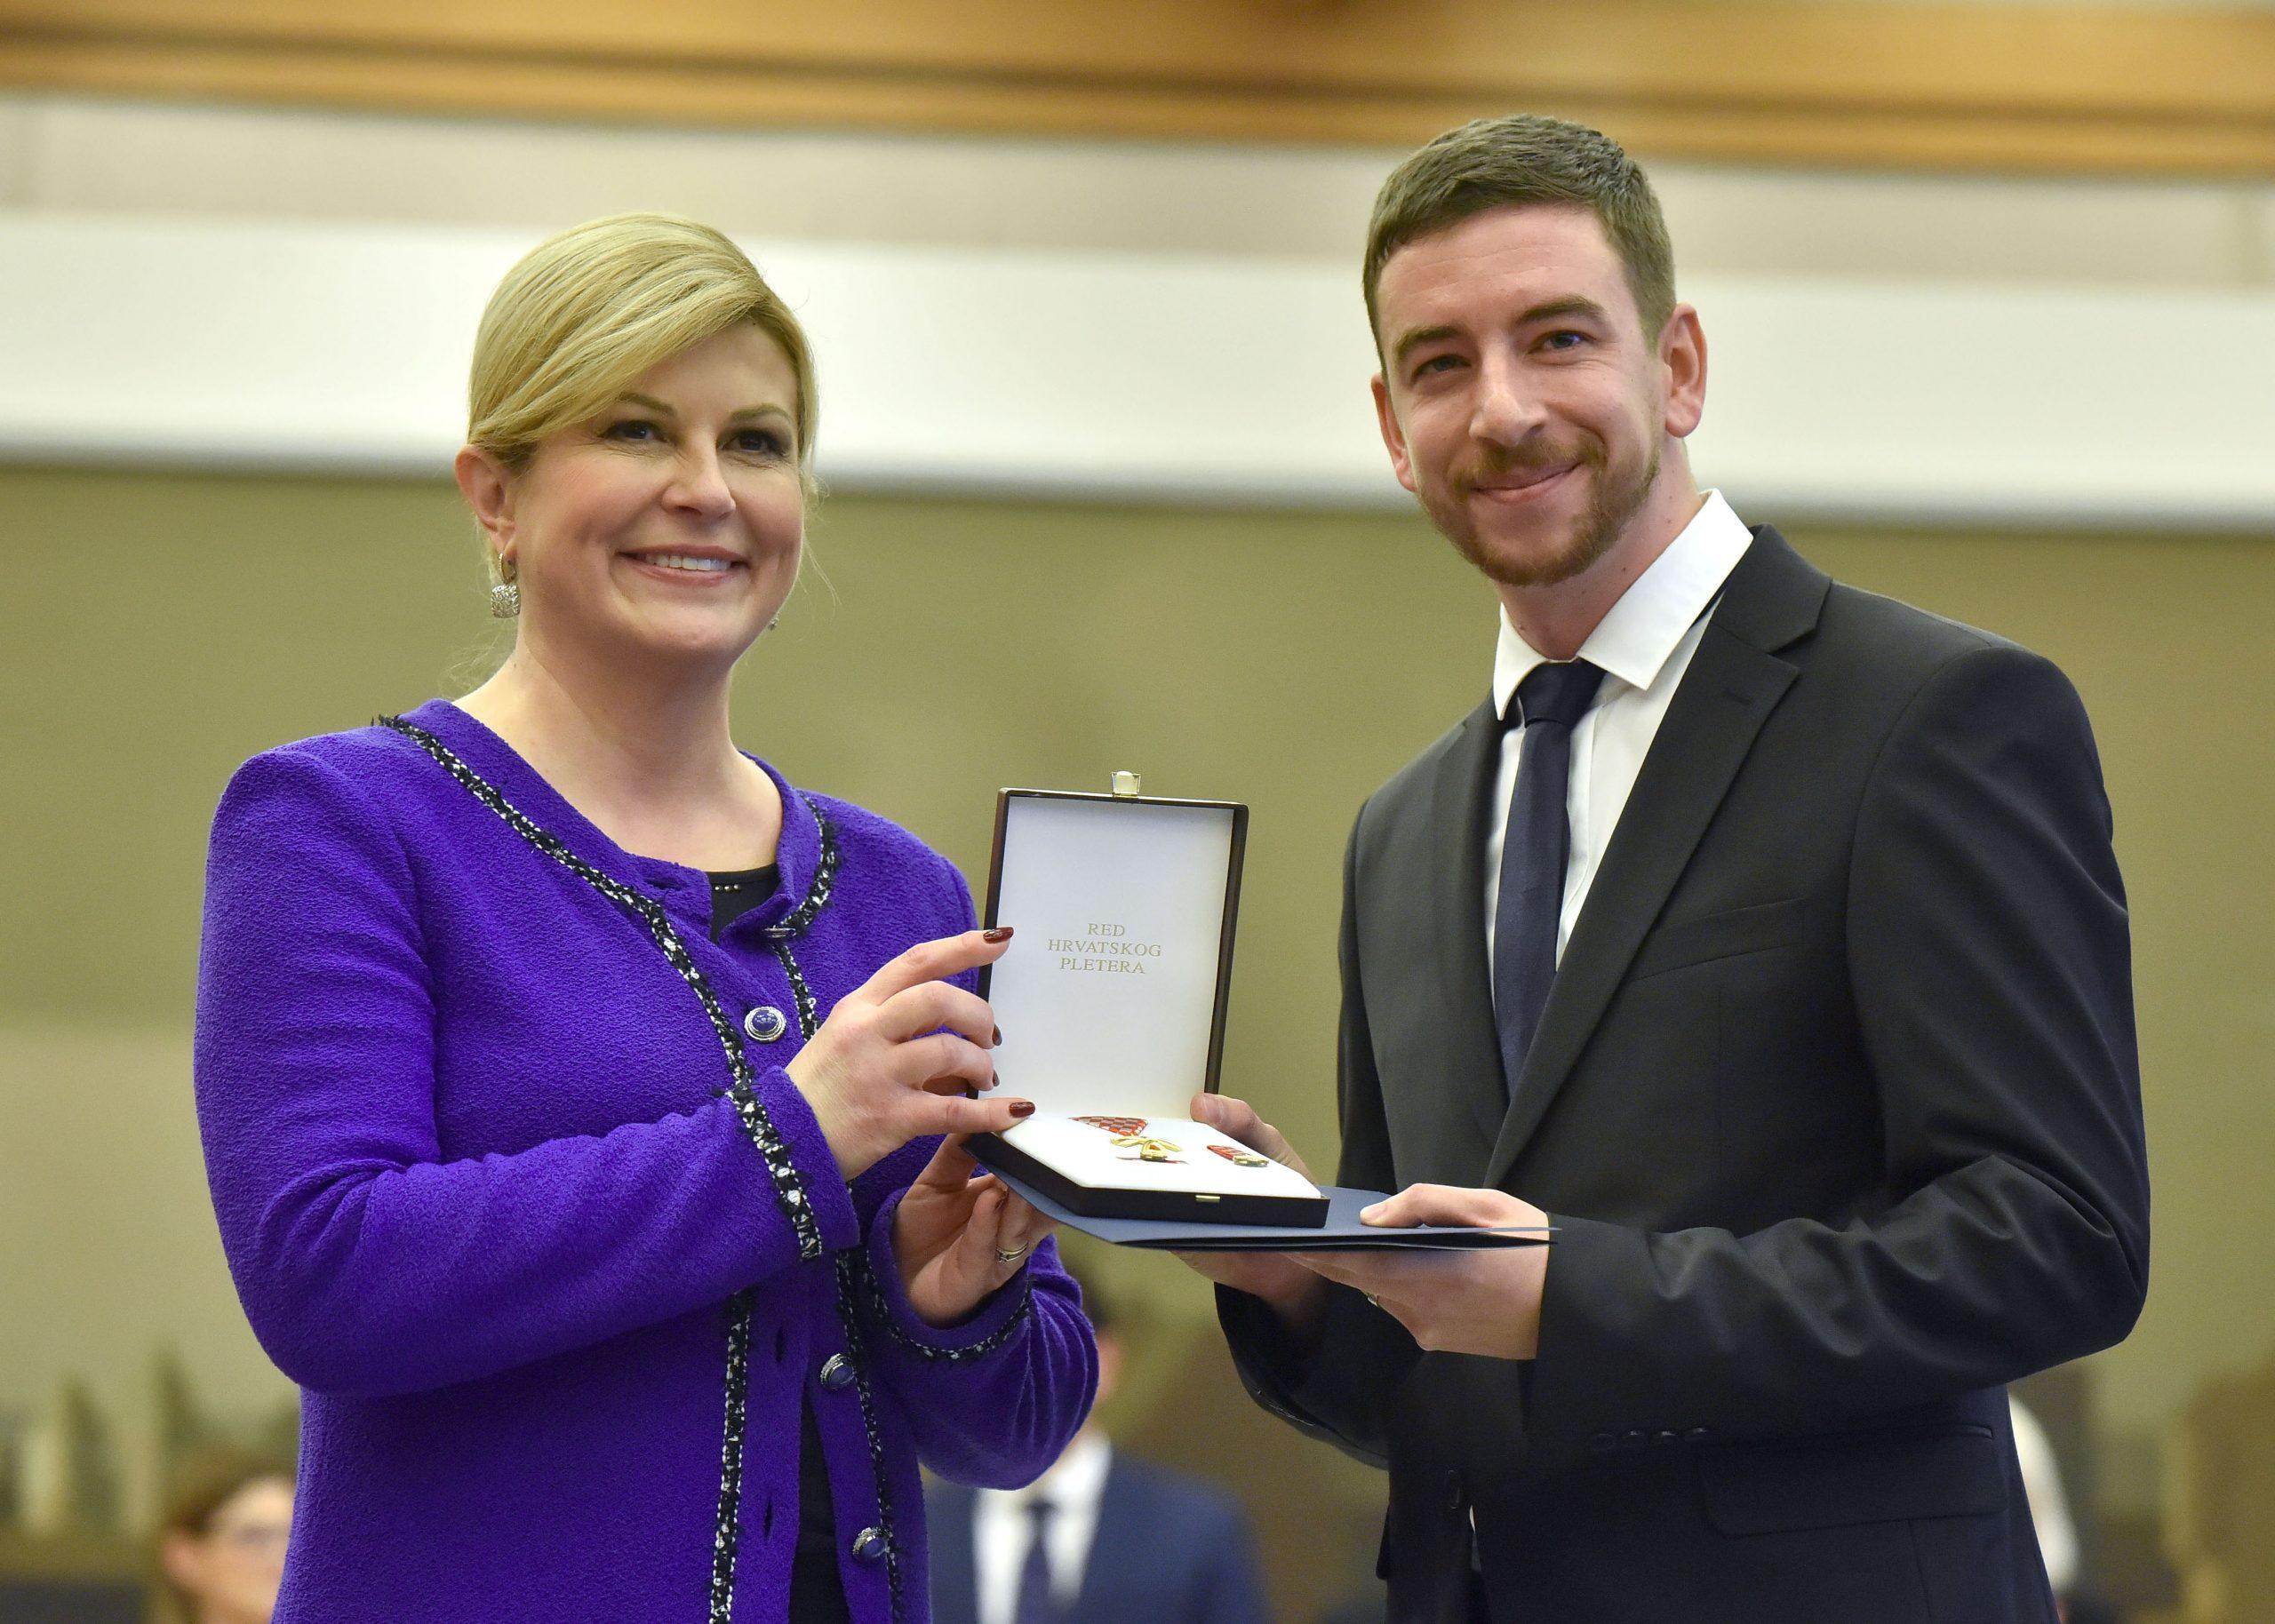 KOD PREDSJEDNICE Priznanje primio i Marin Sabolović